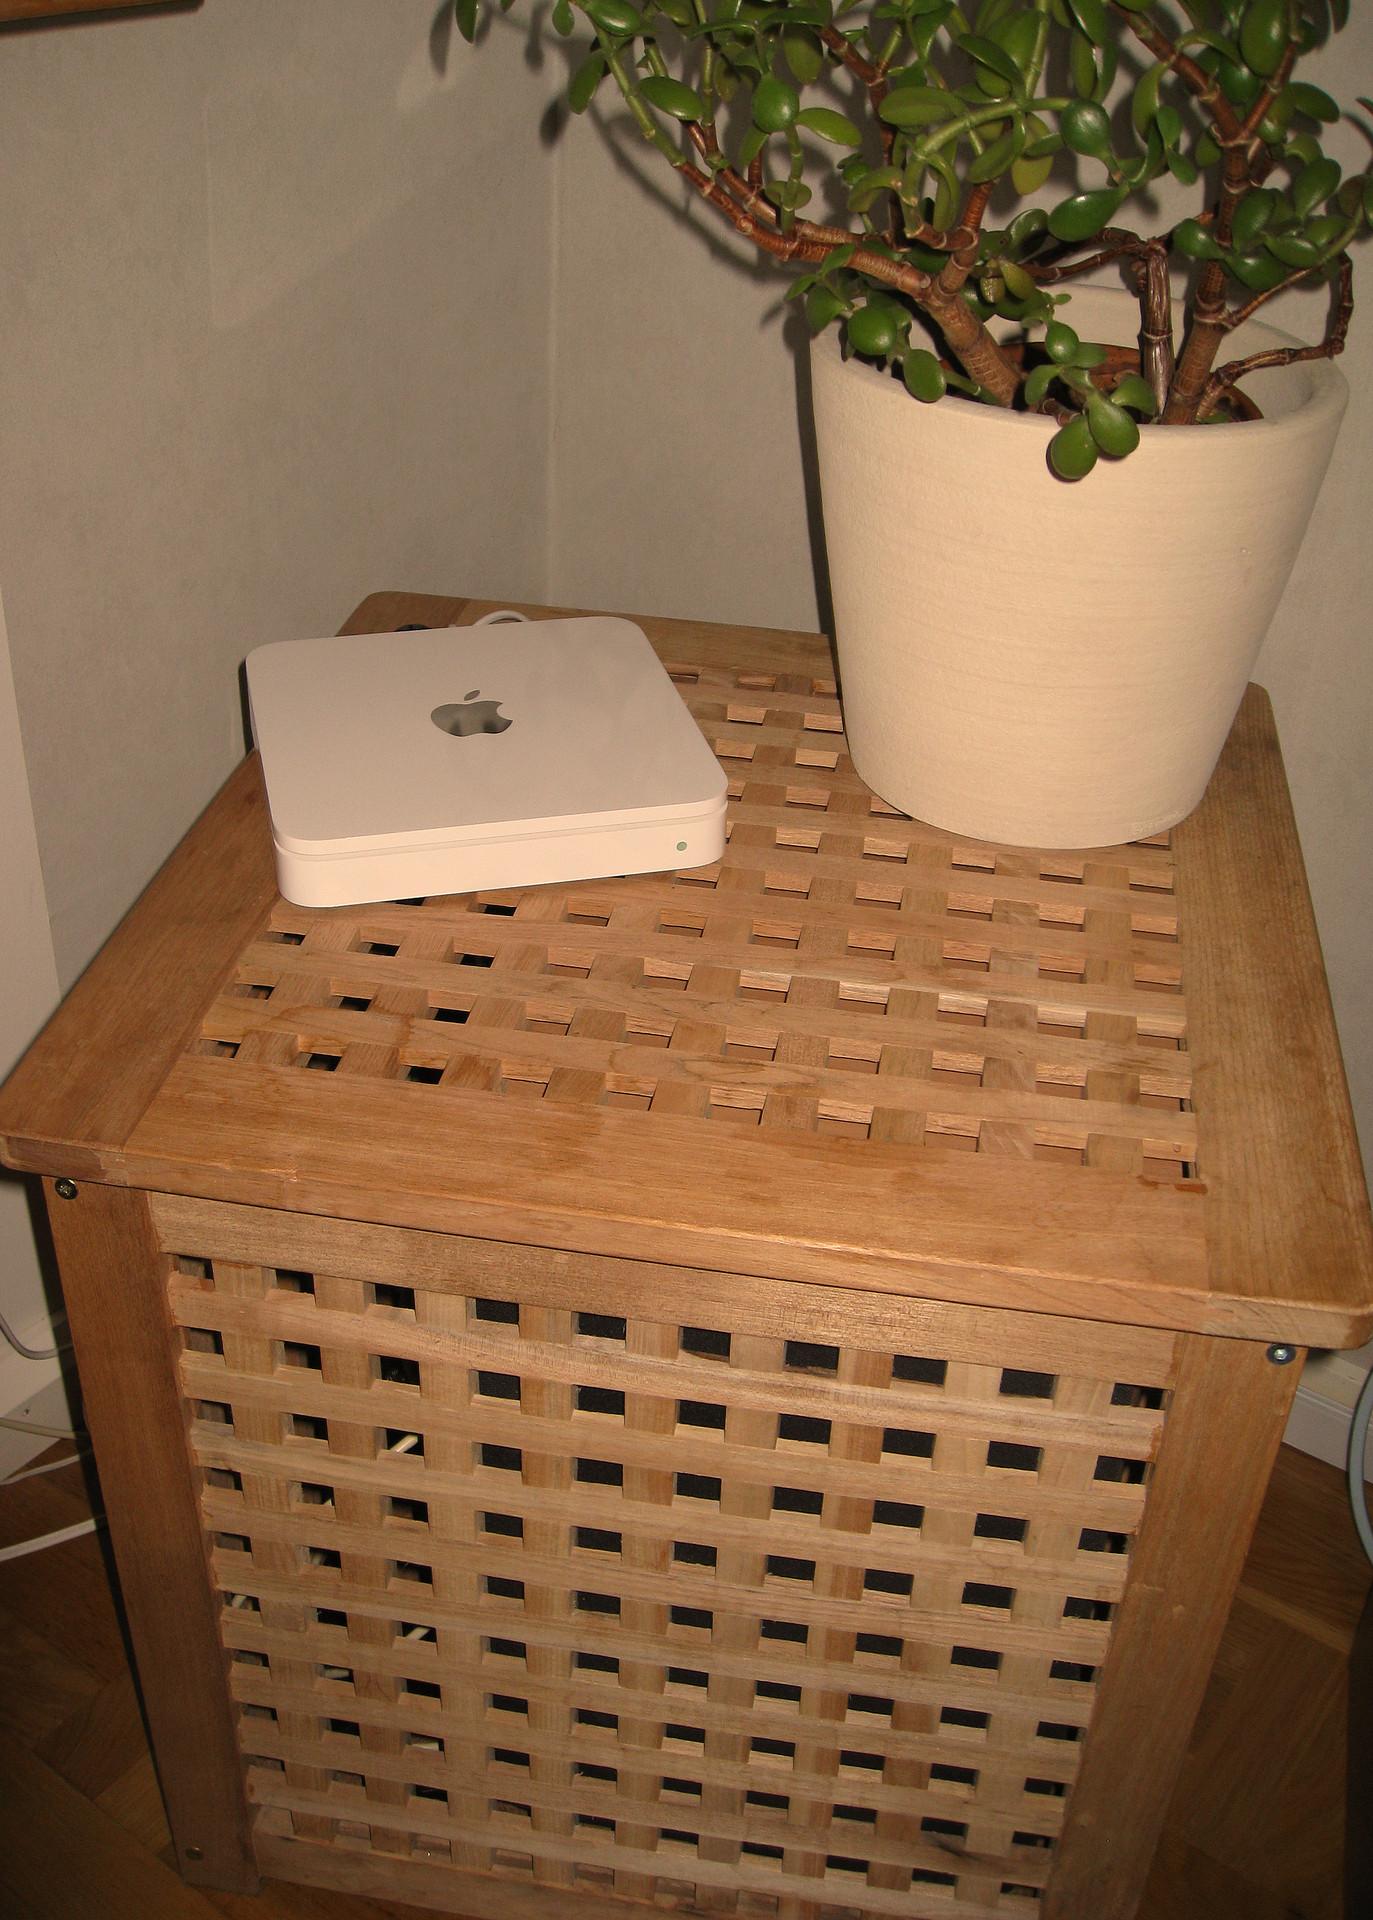 apple time capsule 500gb manual